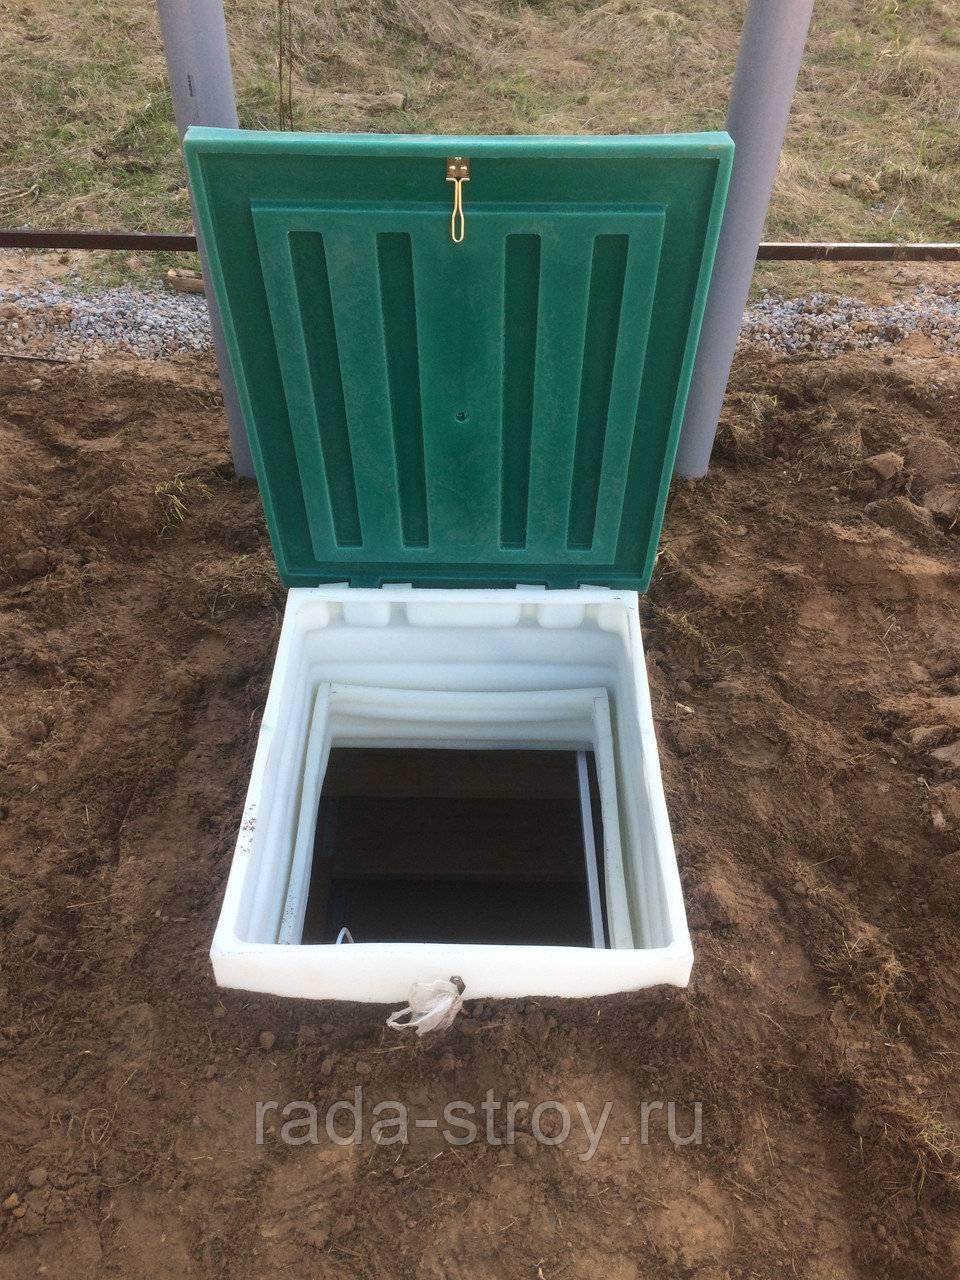 Погреб кессон металлический: применение, монтаж, обустройство